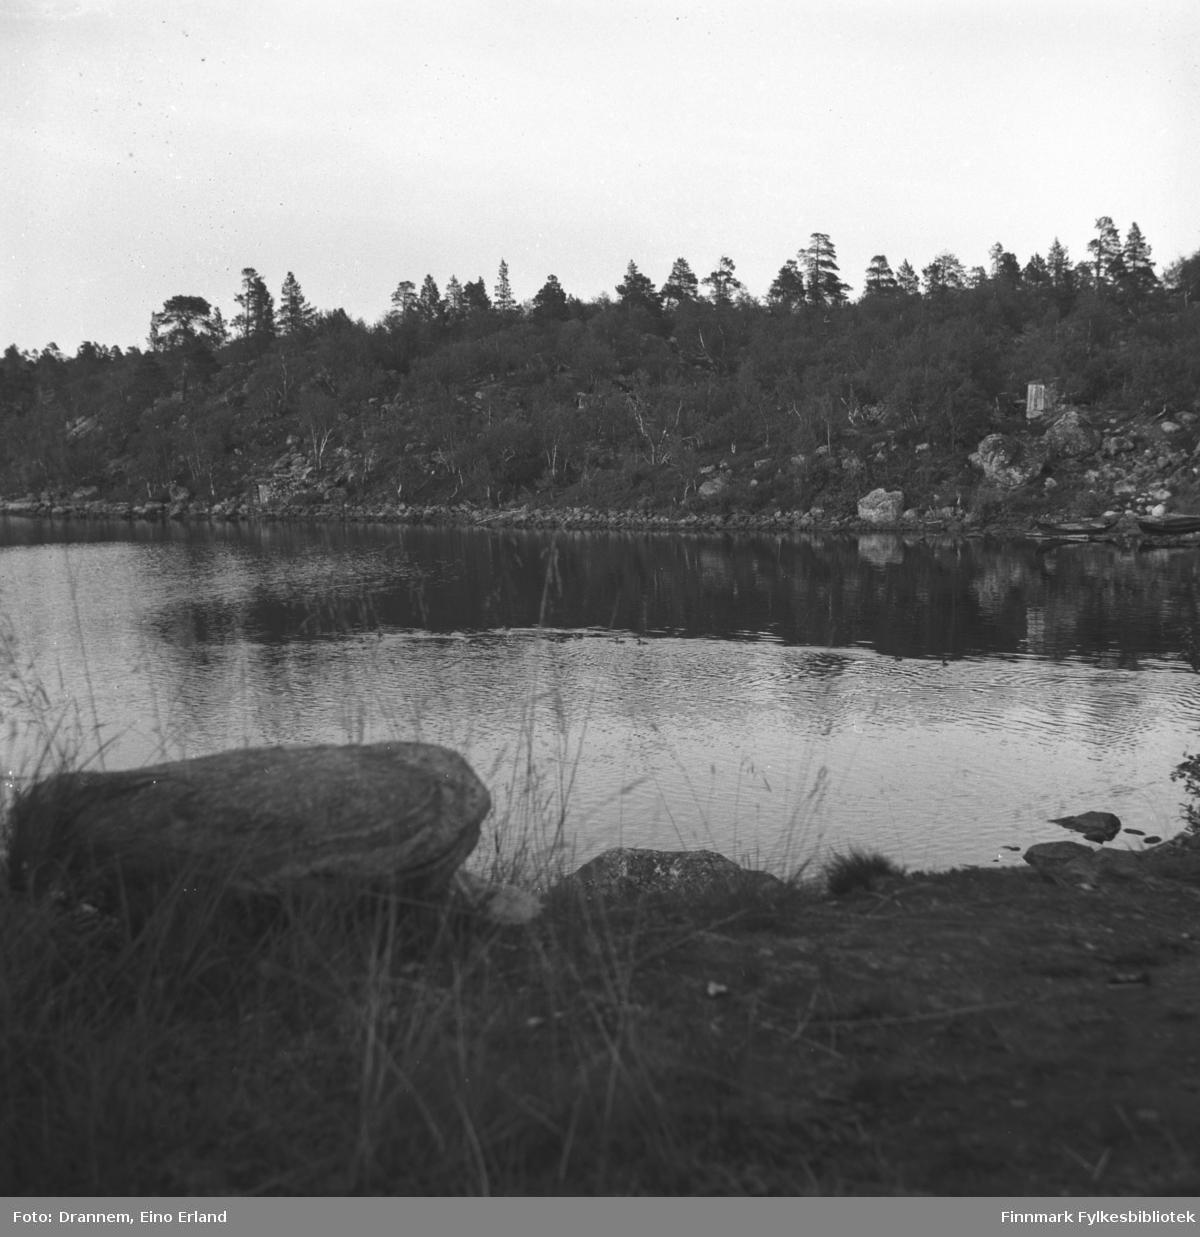 Landskapbilde fra Jääjärvi (på finsk side) i nærheten av Luolajärvi. Til høyre i bildet to robåter ligger ved stranden